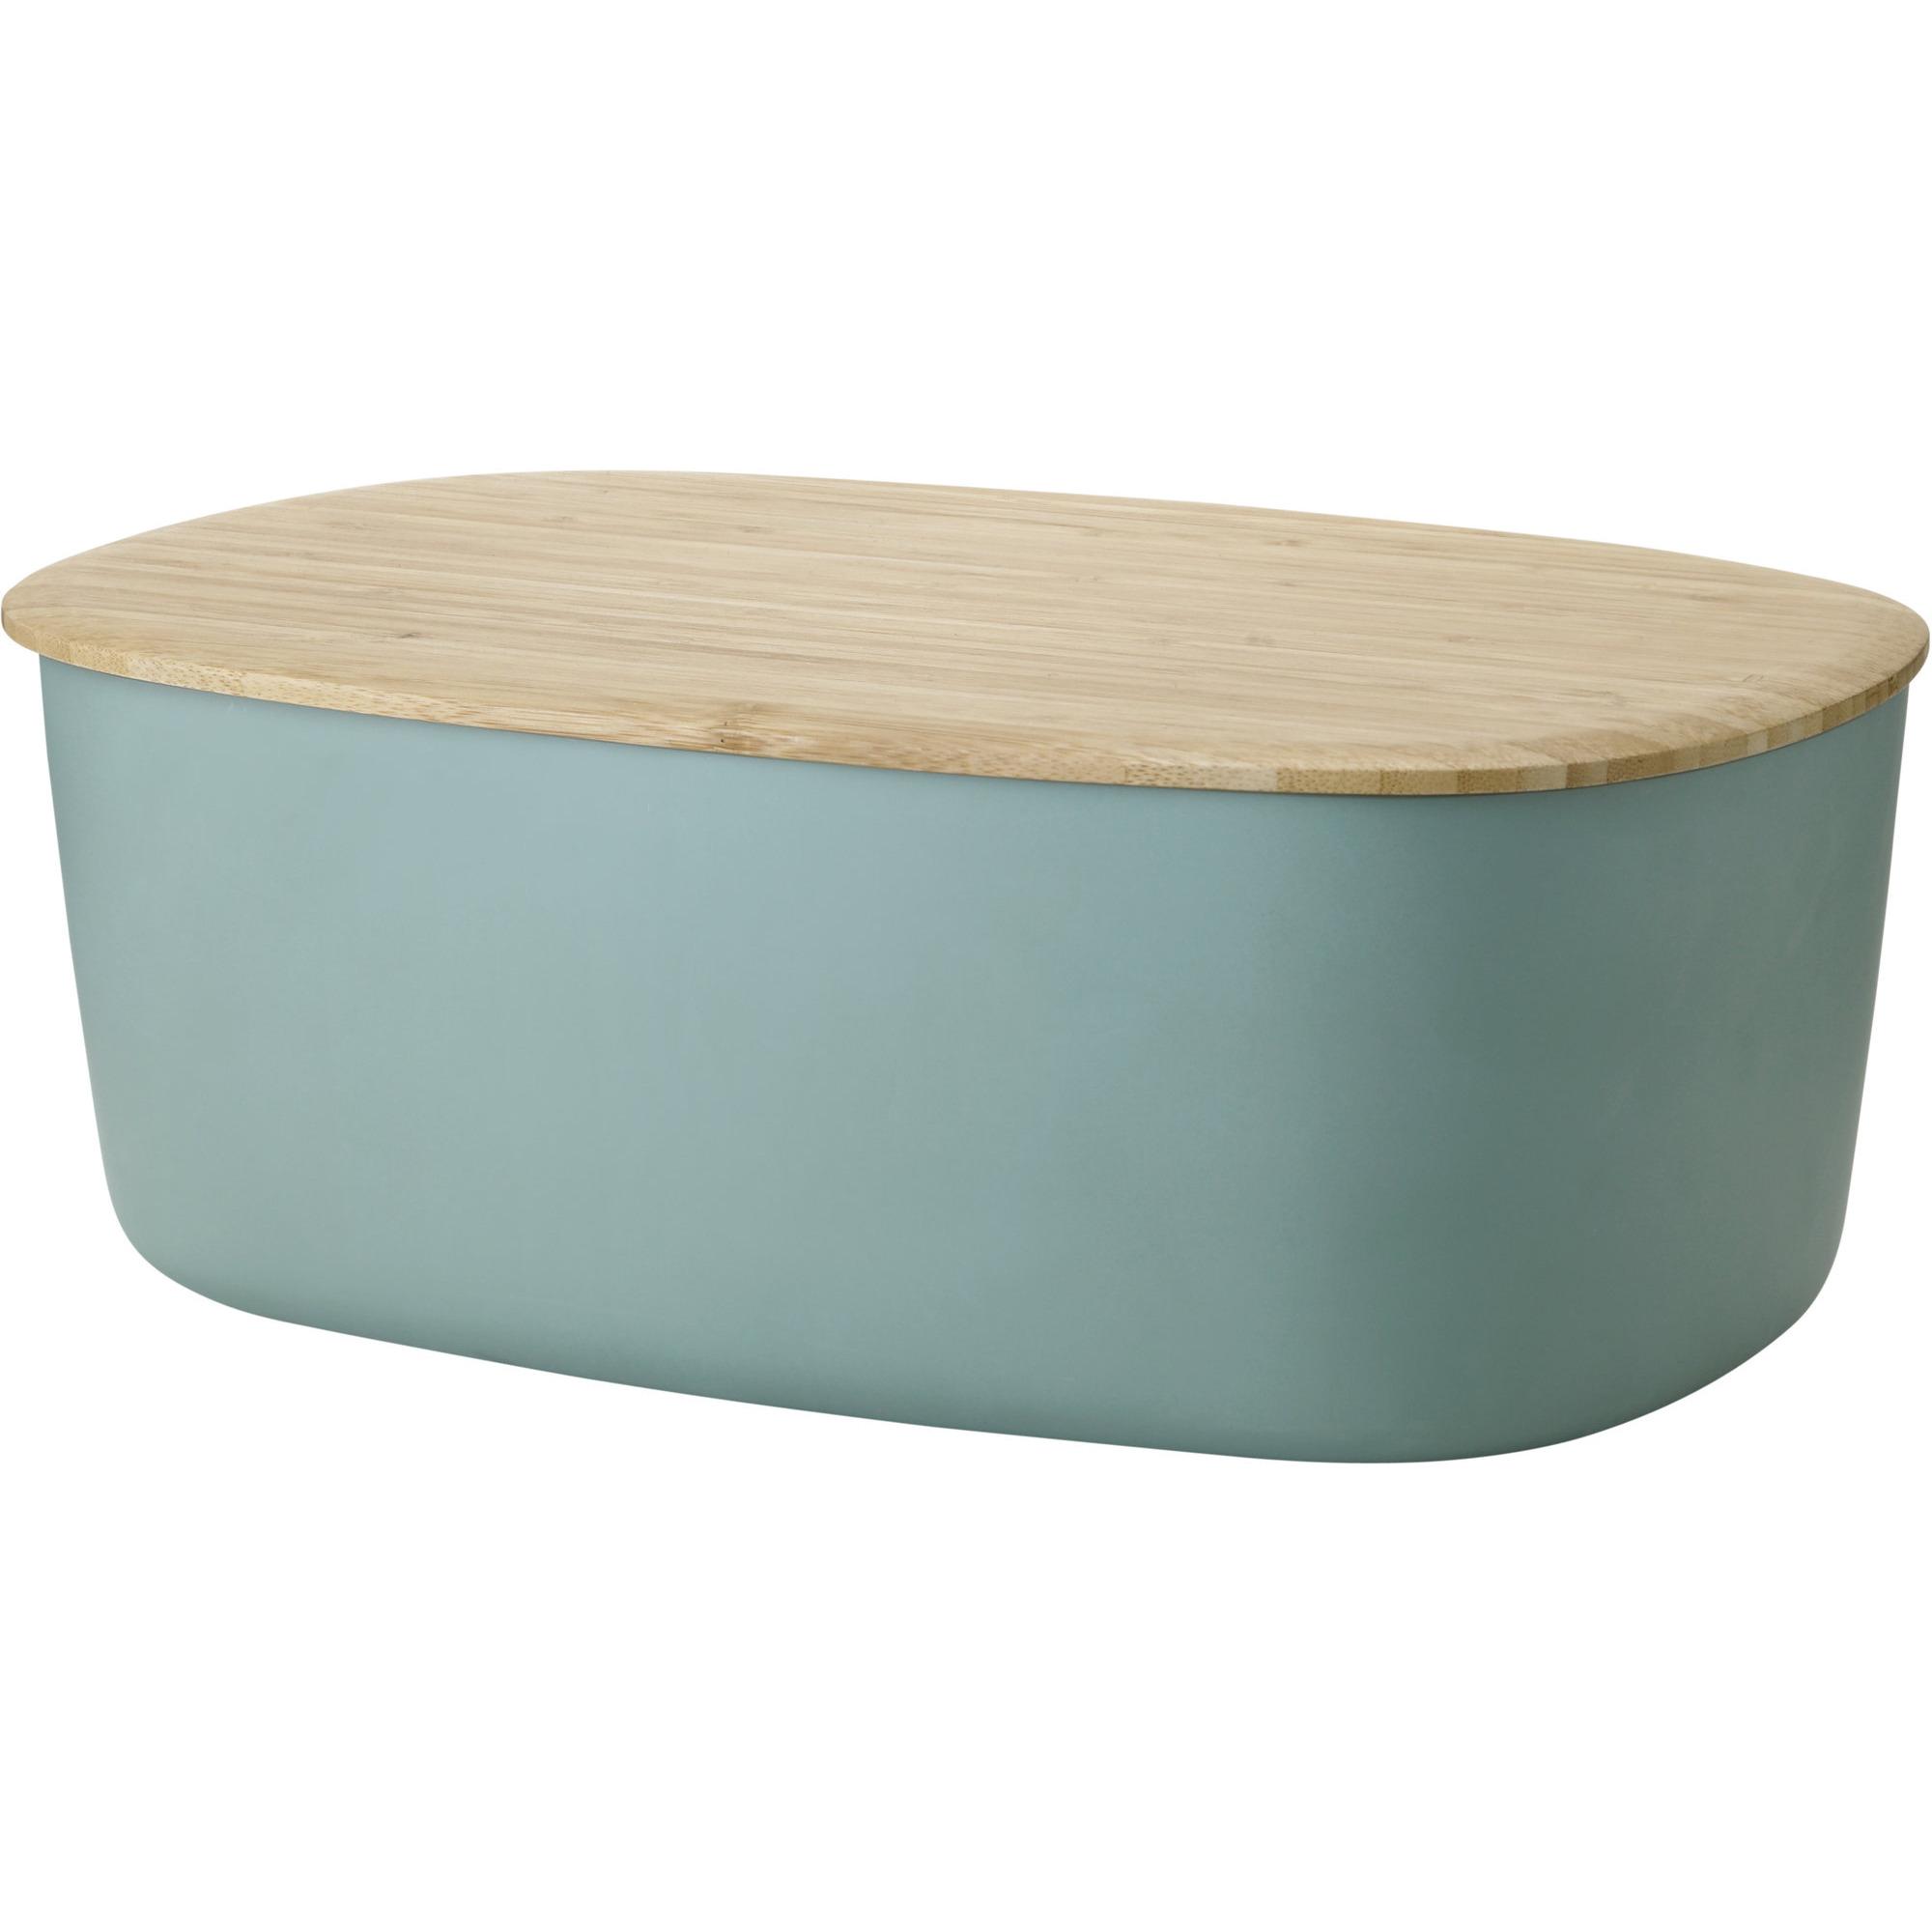 RIG-TIG BOX-IT brödlåda grön